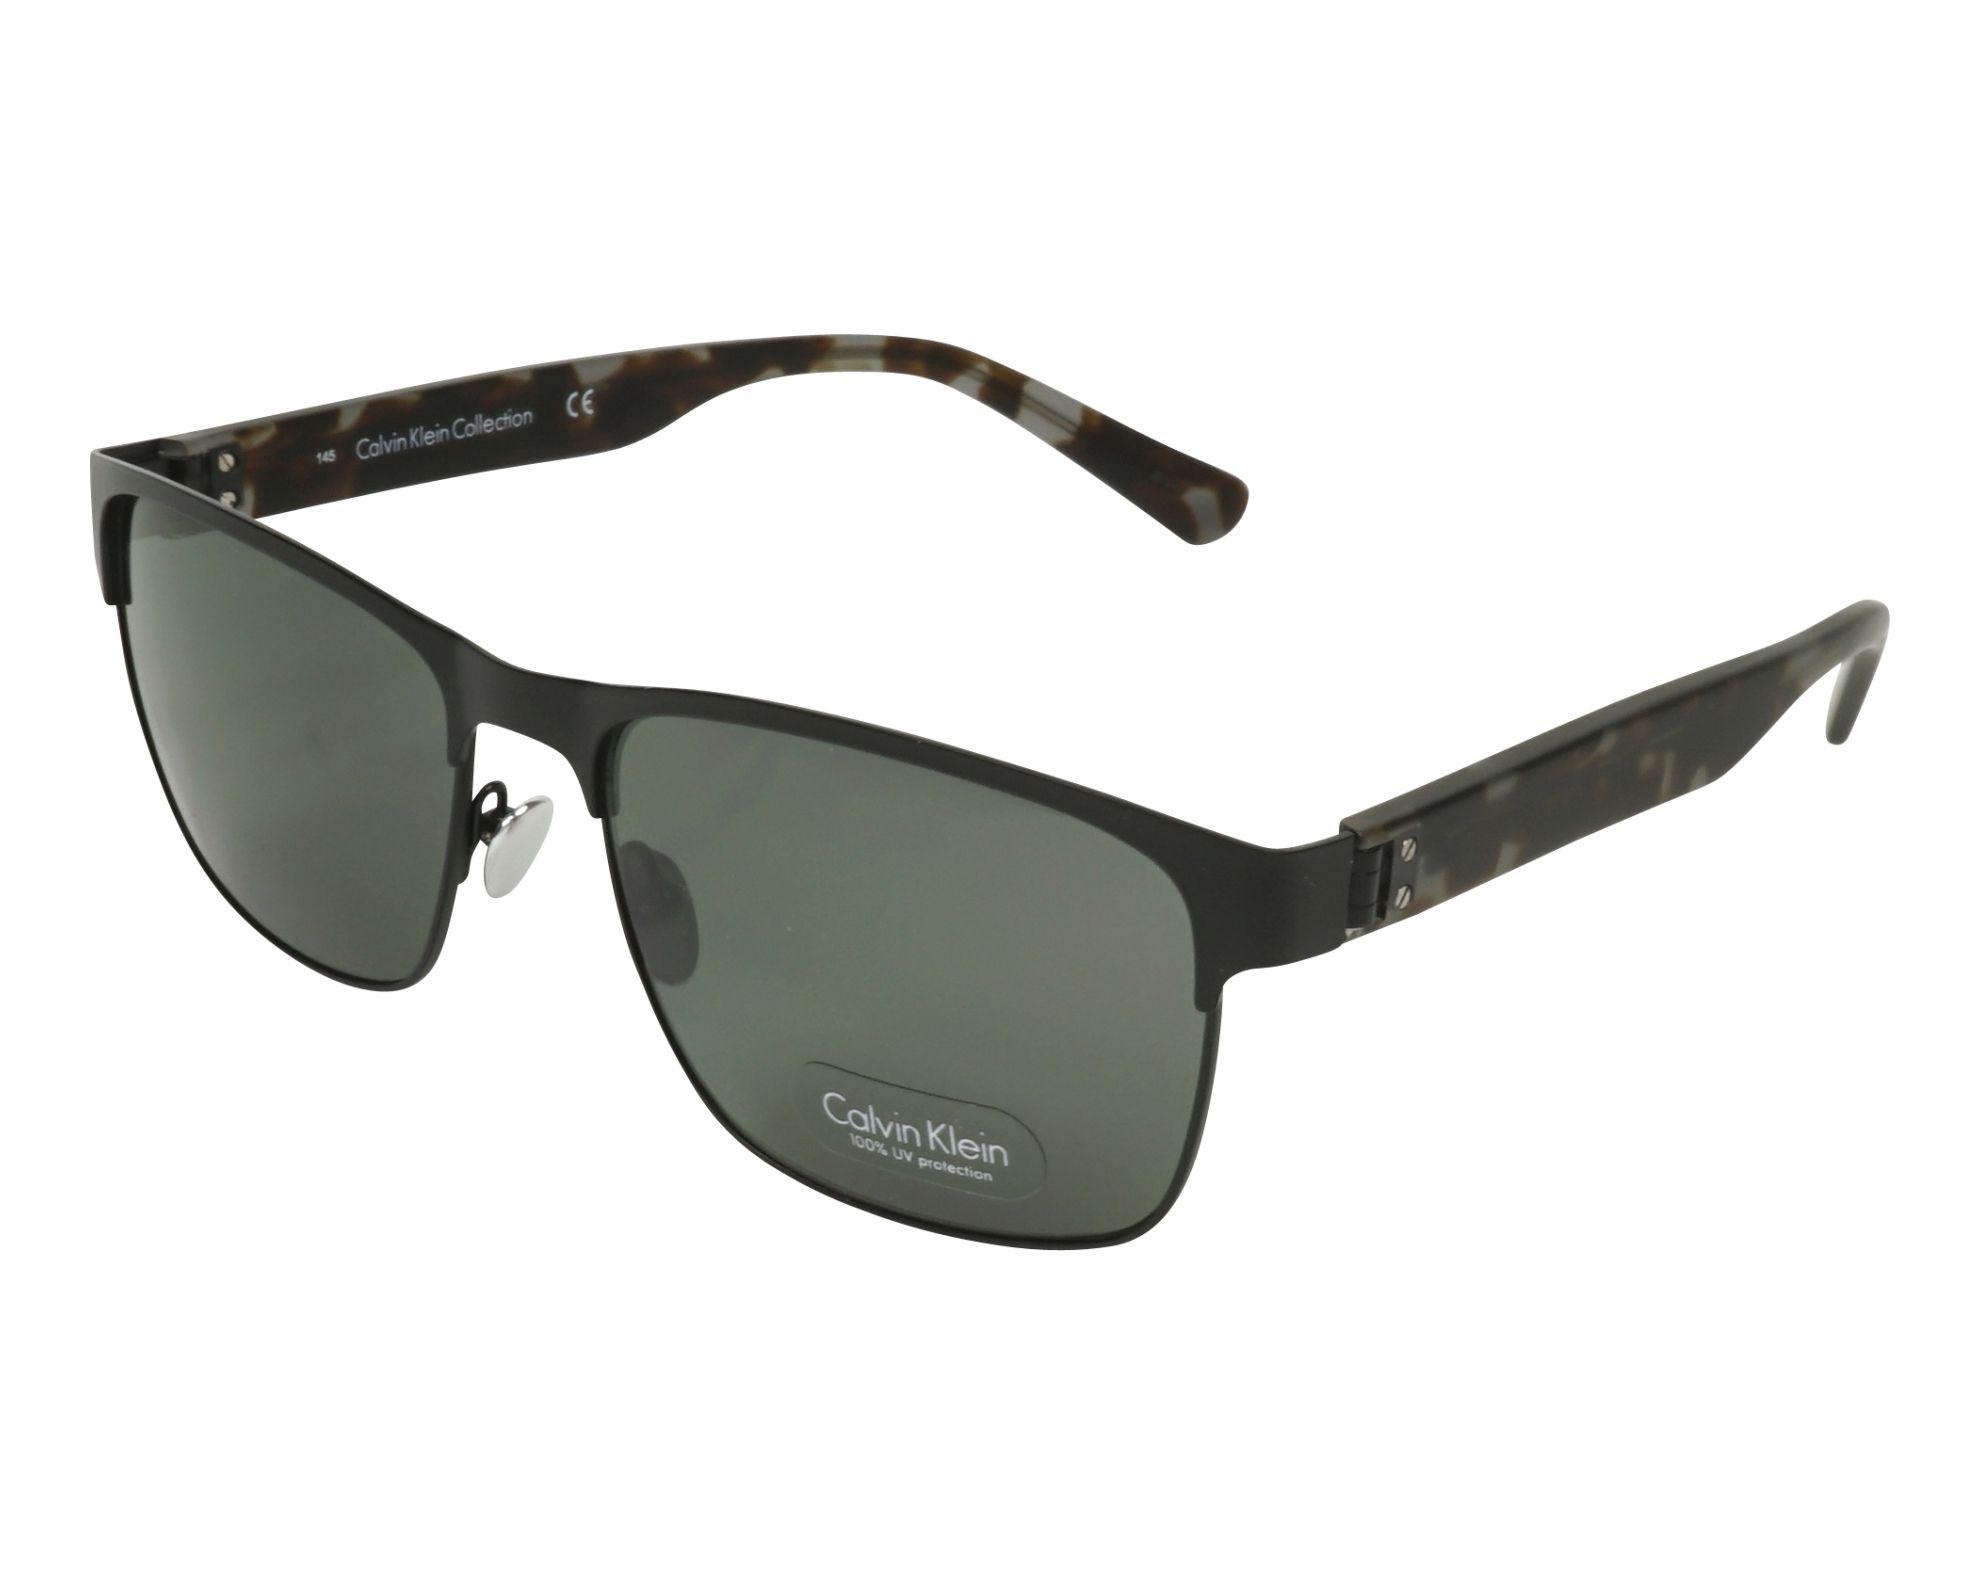 8b2cc4e71f Sunglasses Calvin Klein CK-7378-S 001 58-17 Black Brown profile view